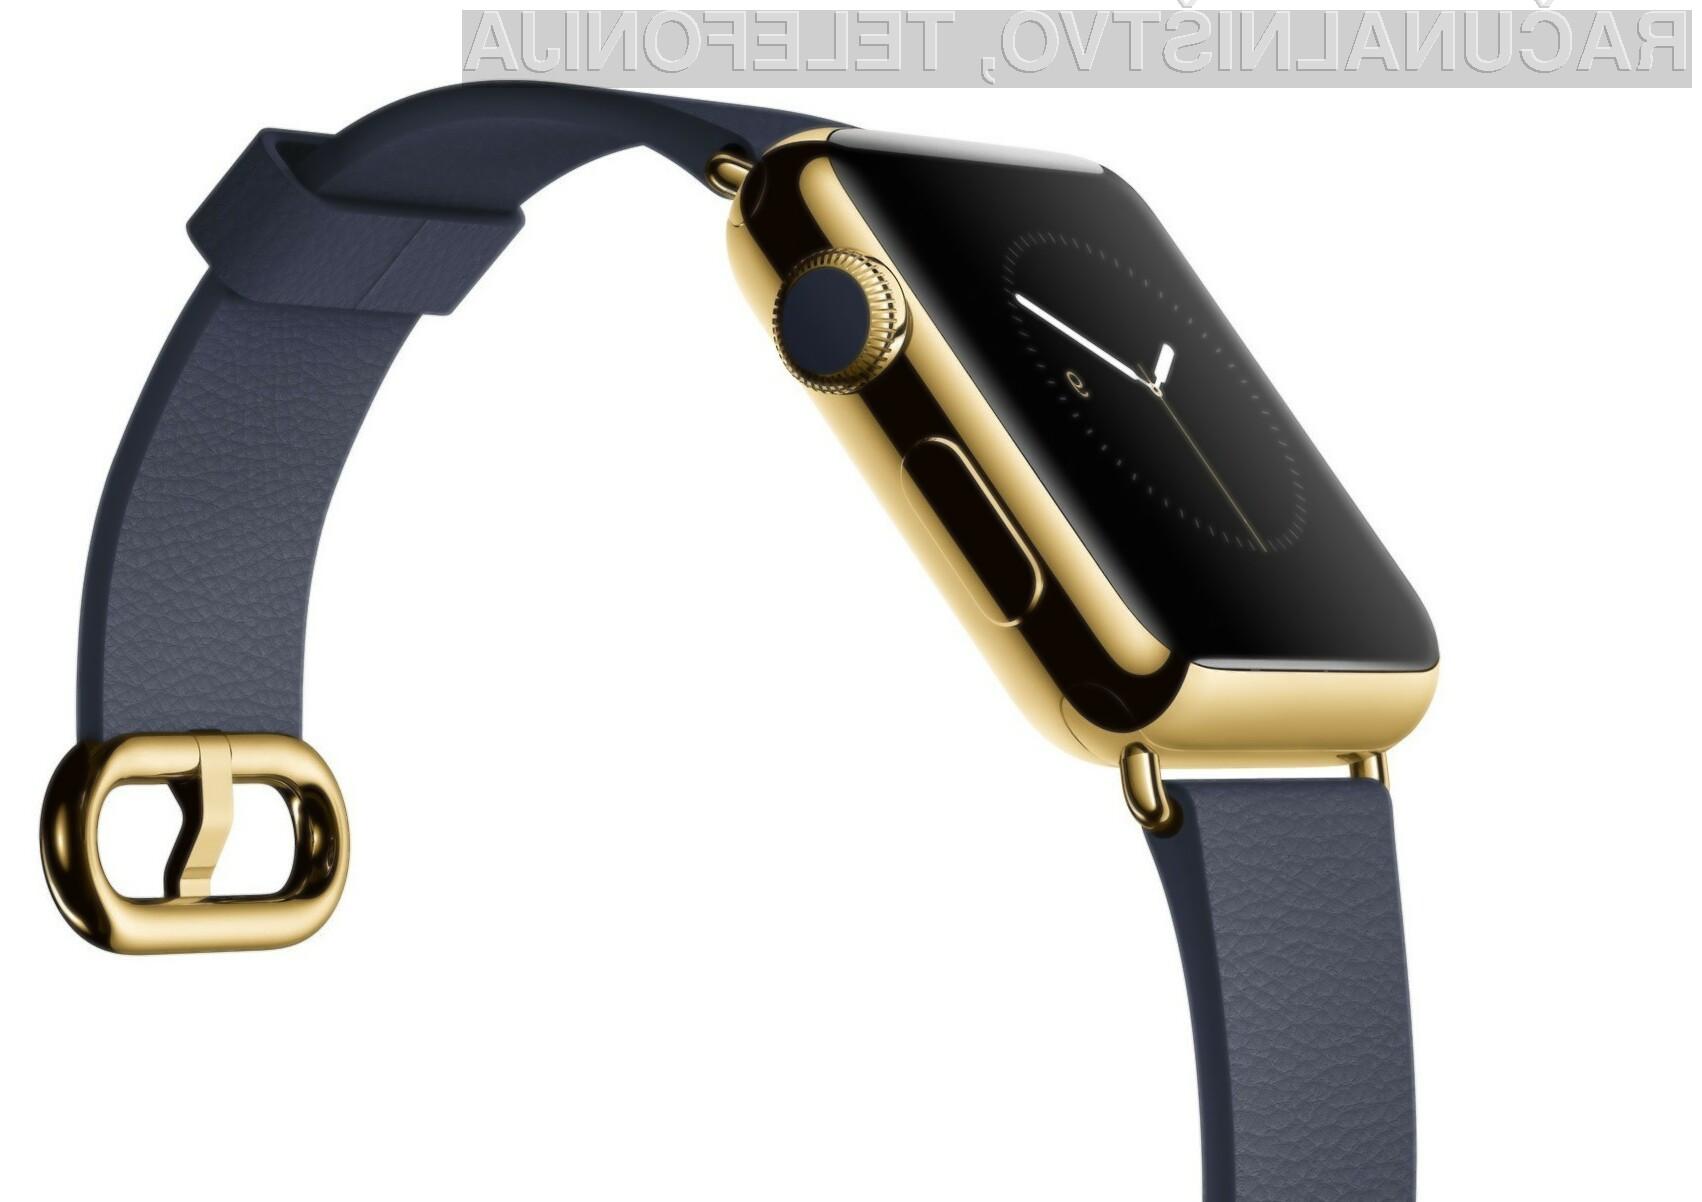 Povpraševanje po pametni ročni uri Apple Watch v prostem padu!